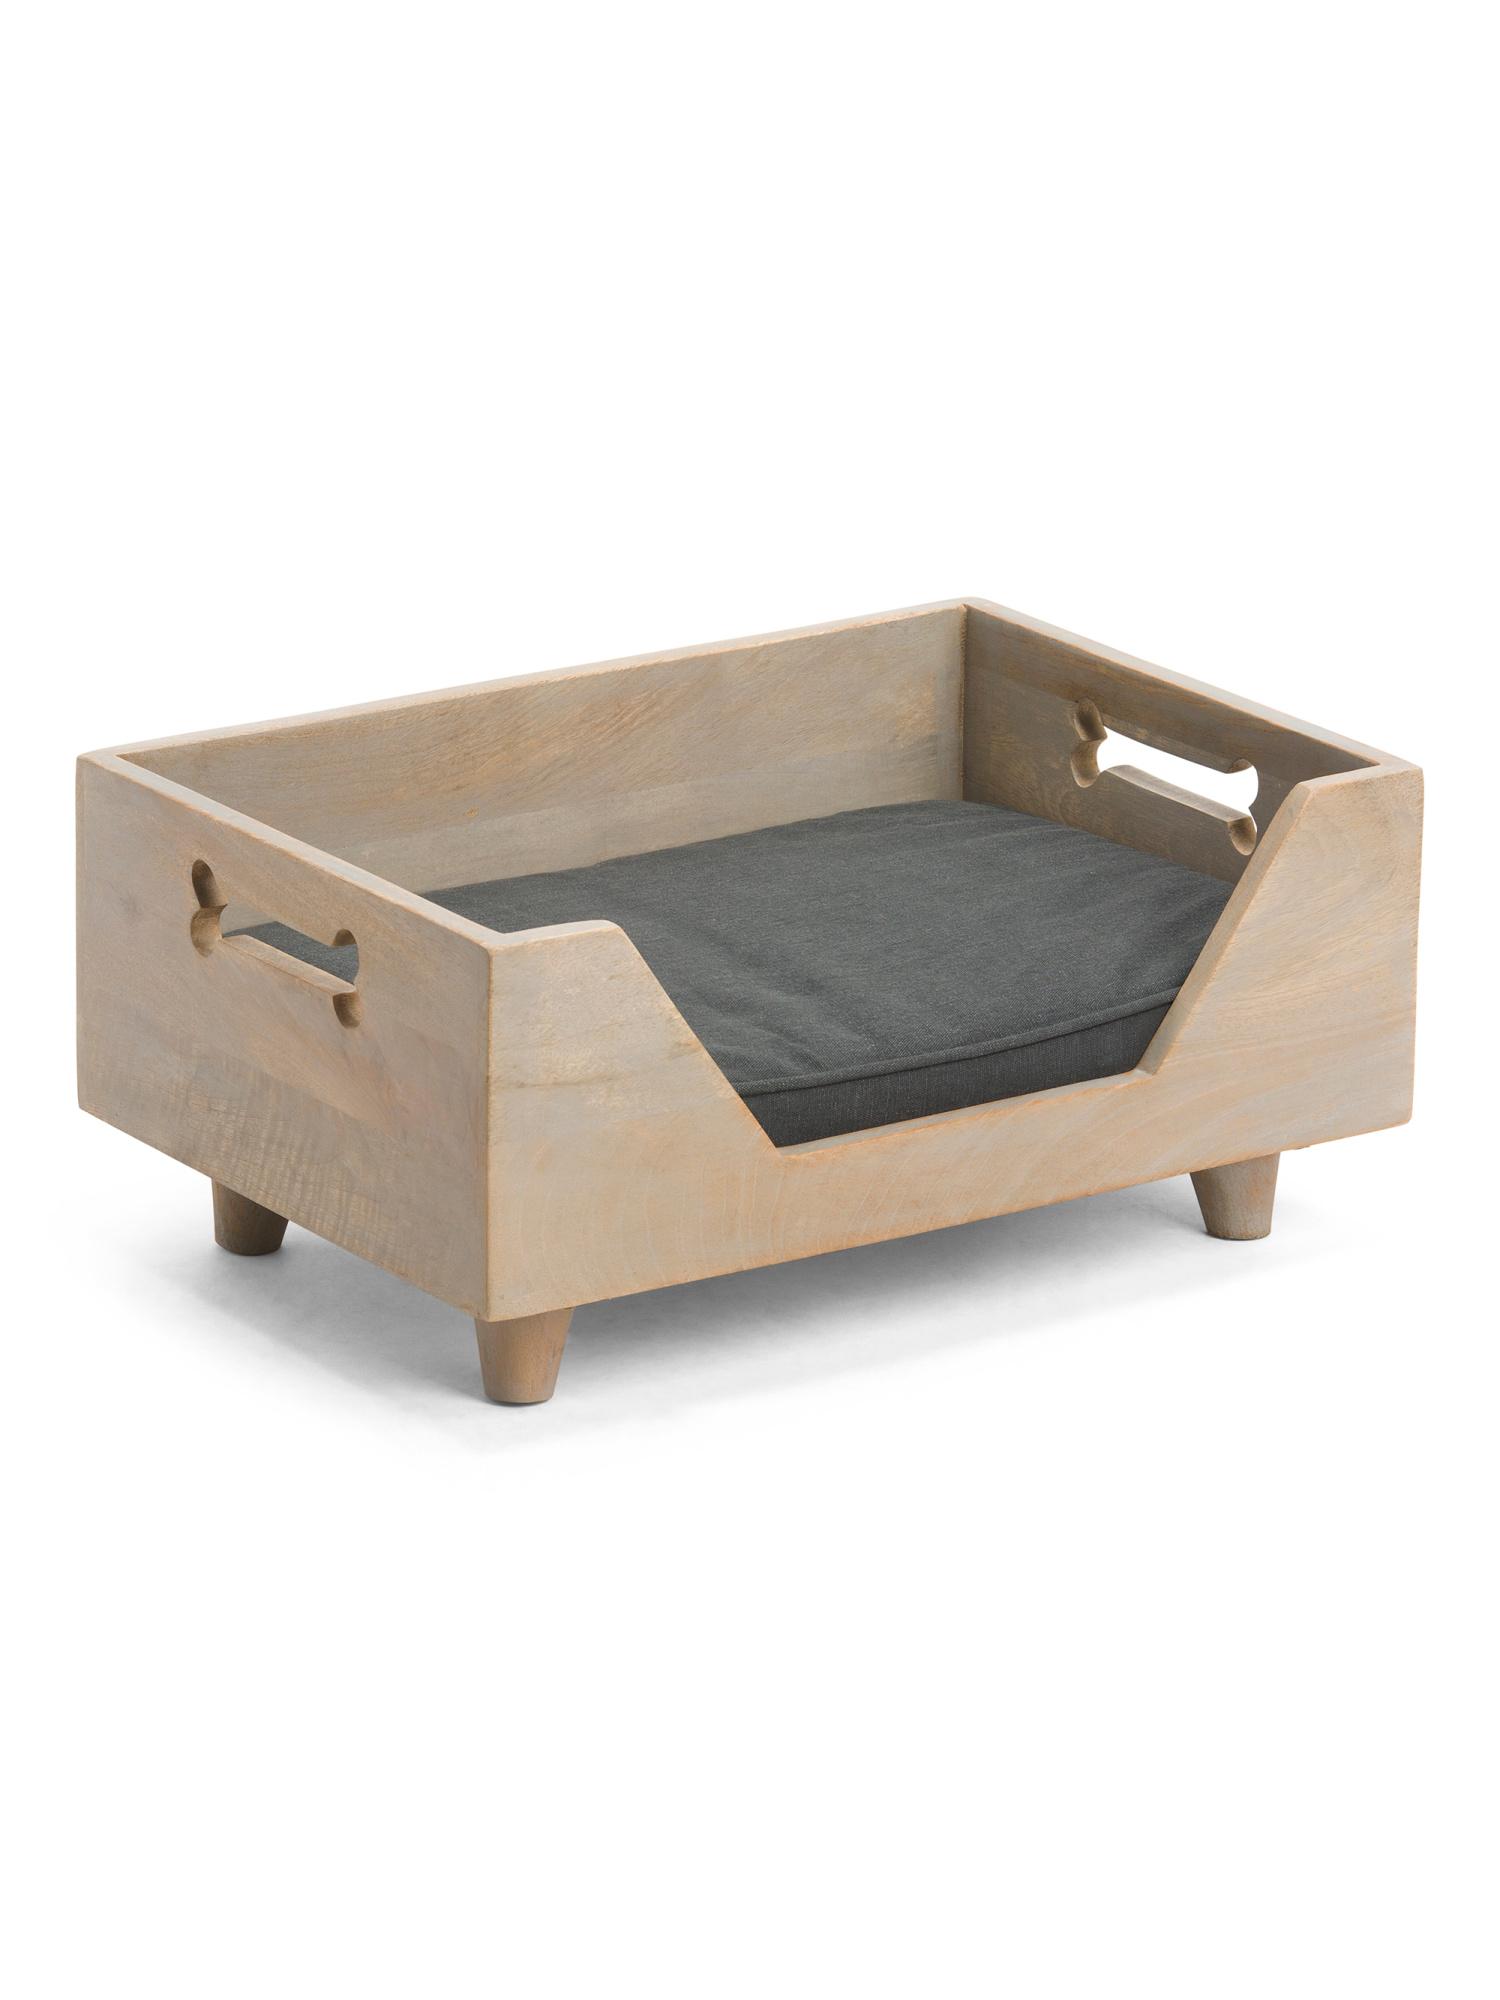 Wooden Pet Bed Pet T.J.Maxx Wooden pet bed, Bed, Pet bed